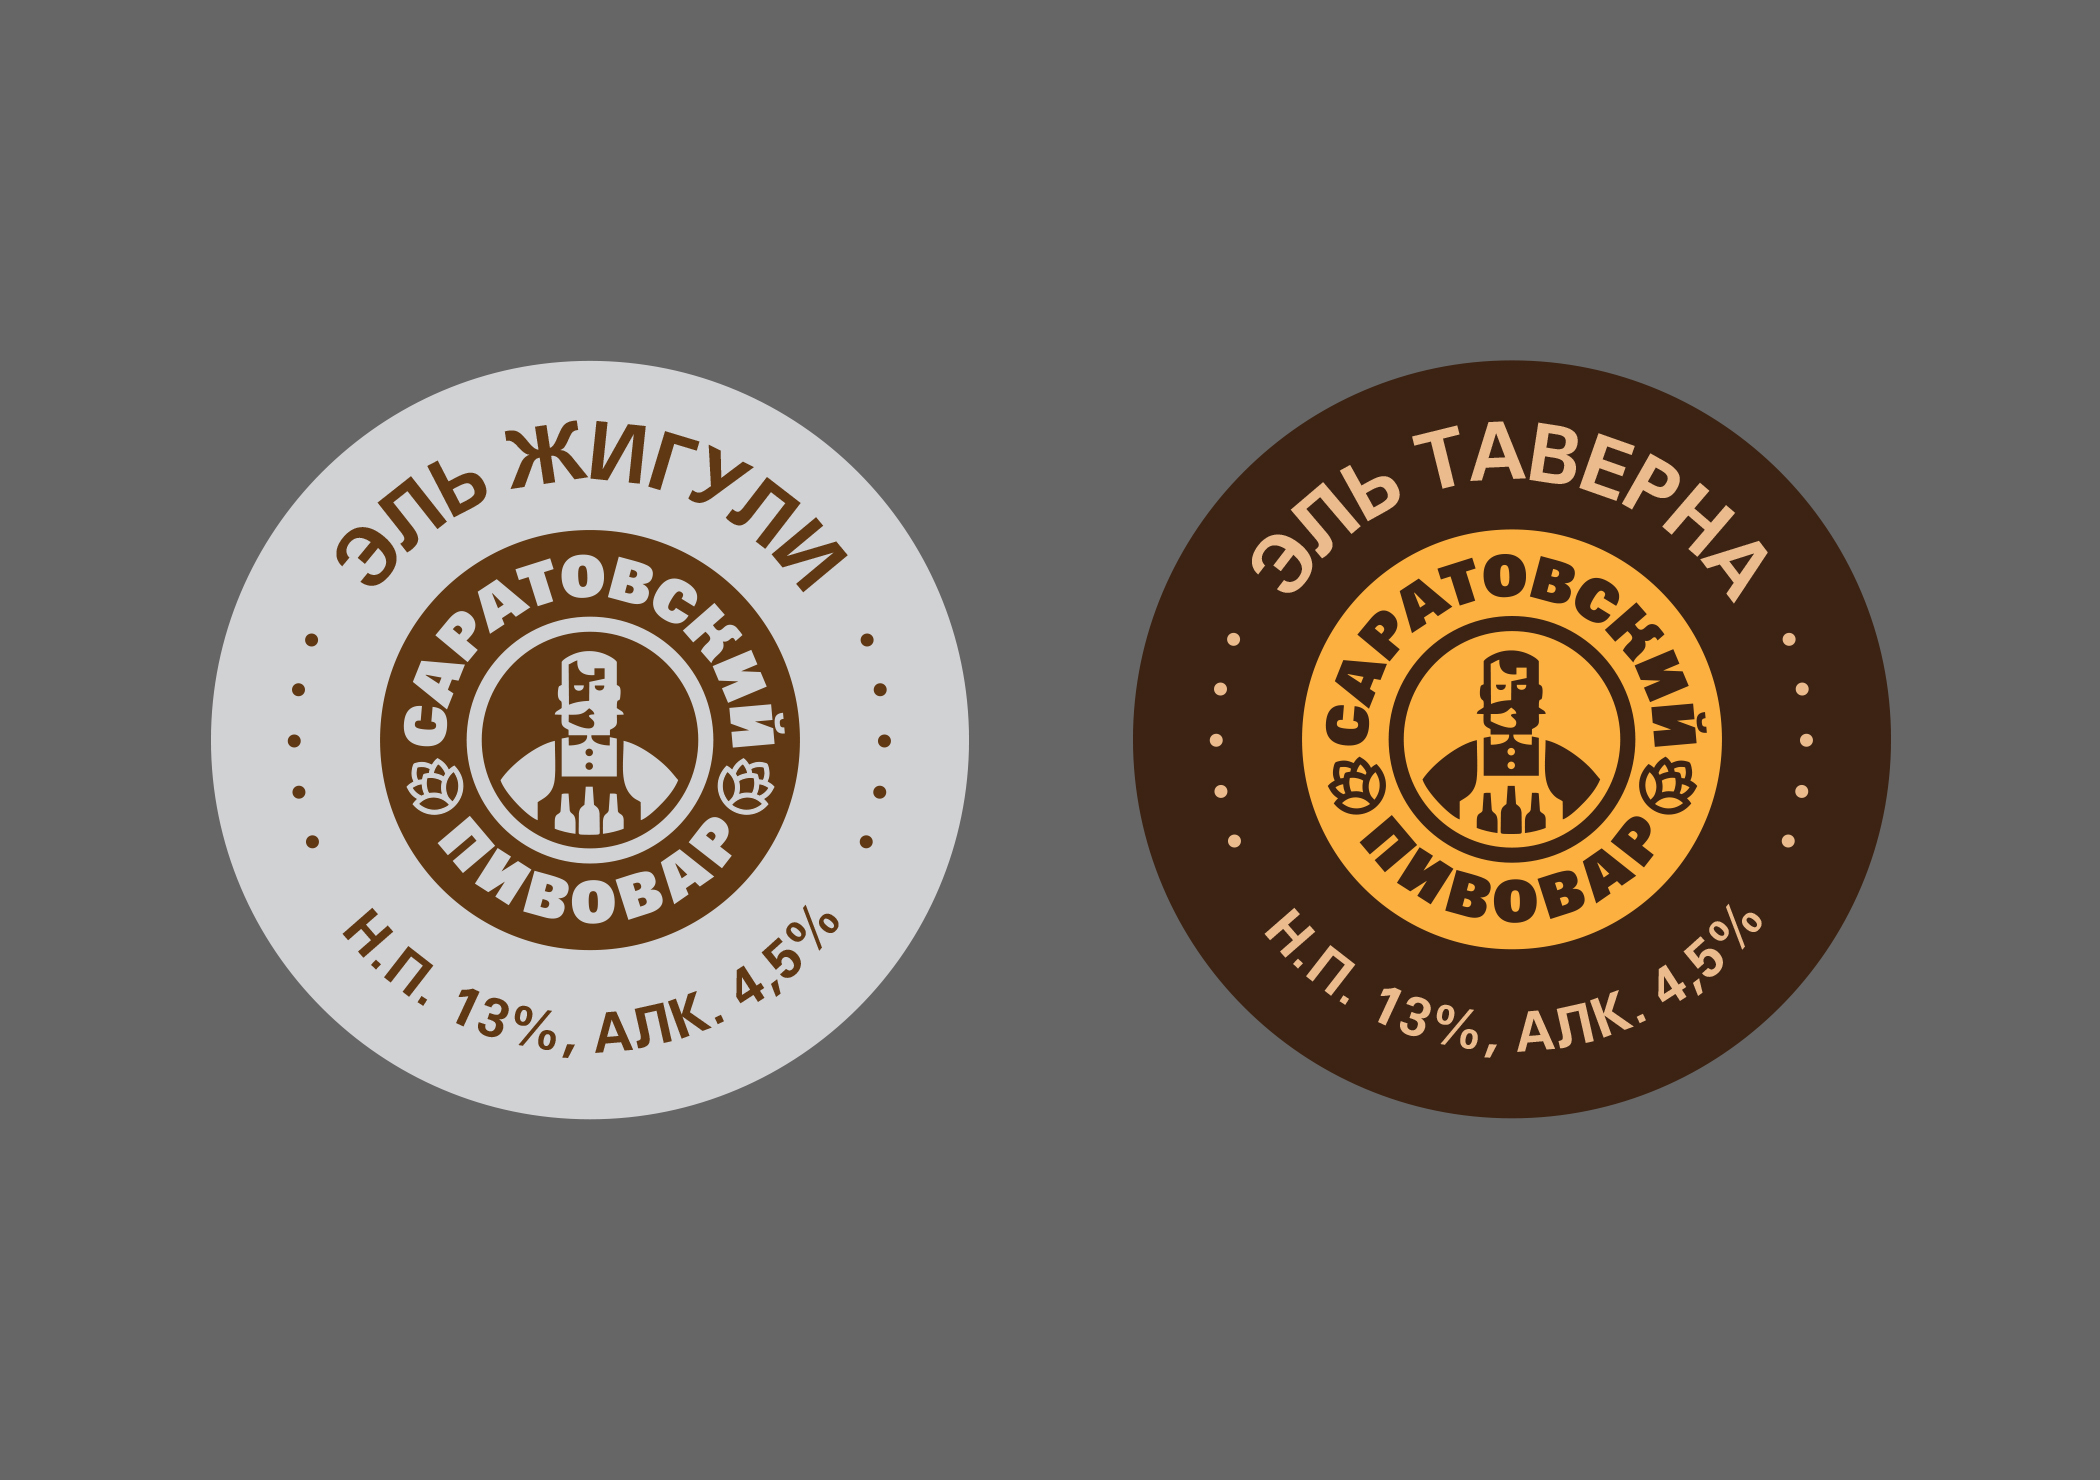 Разработка логотипа для частной пивоварни фото f_6565d7a9ca43516e.jpg